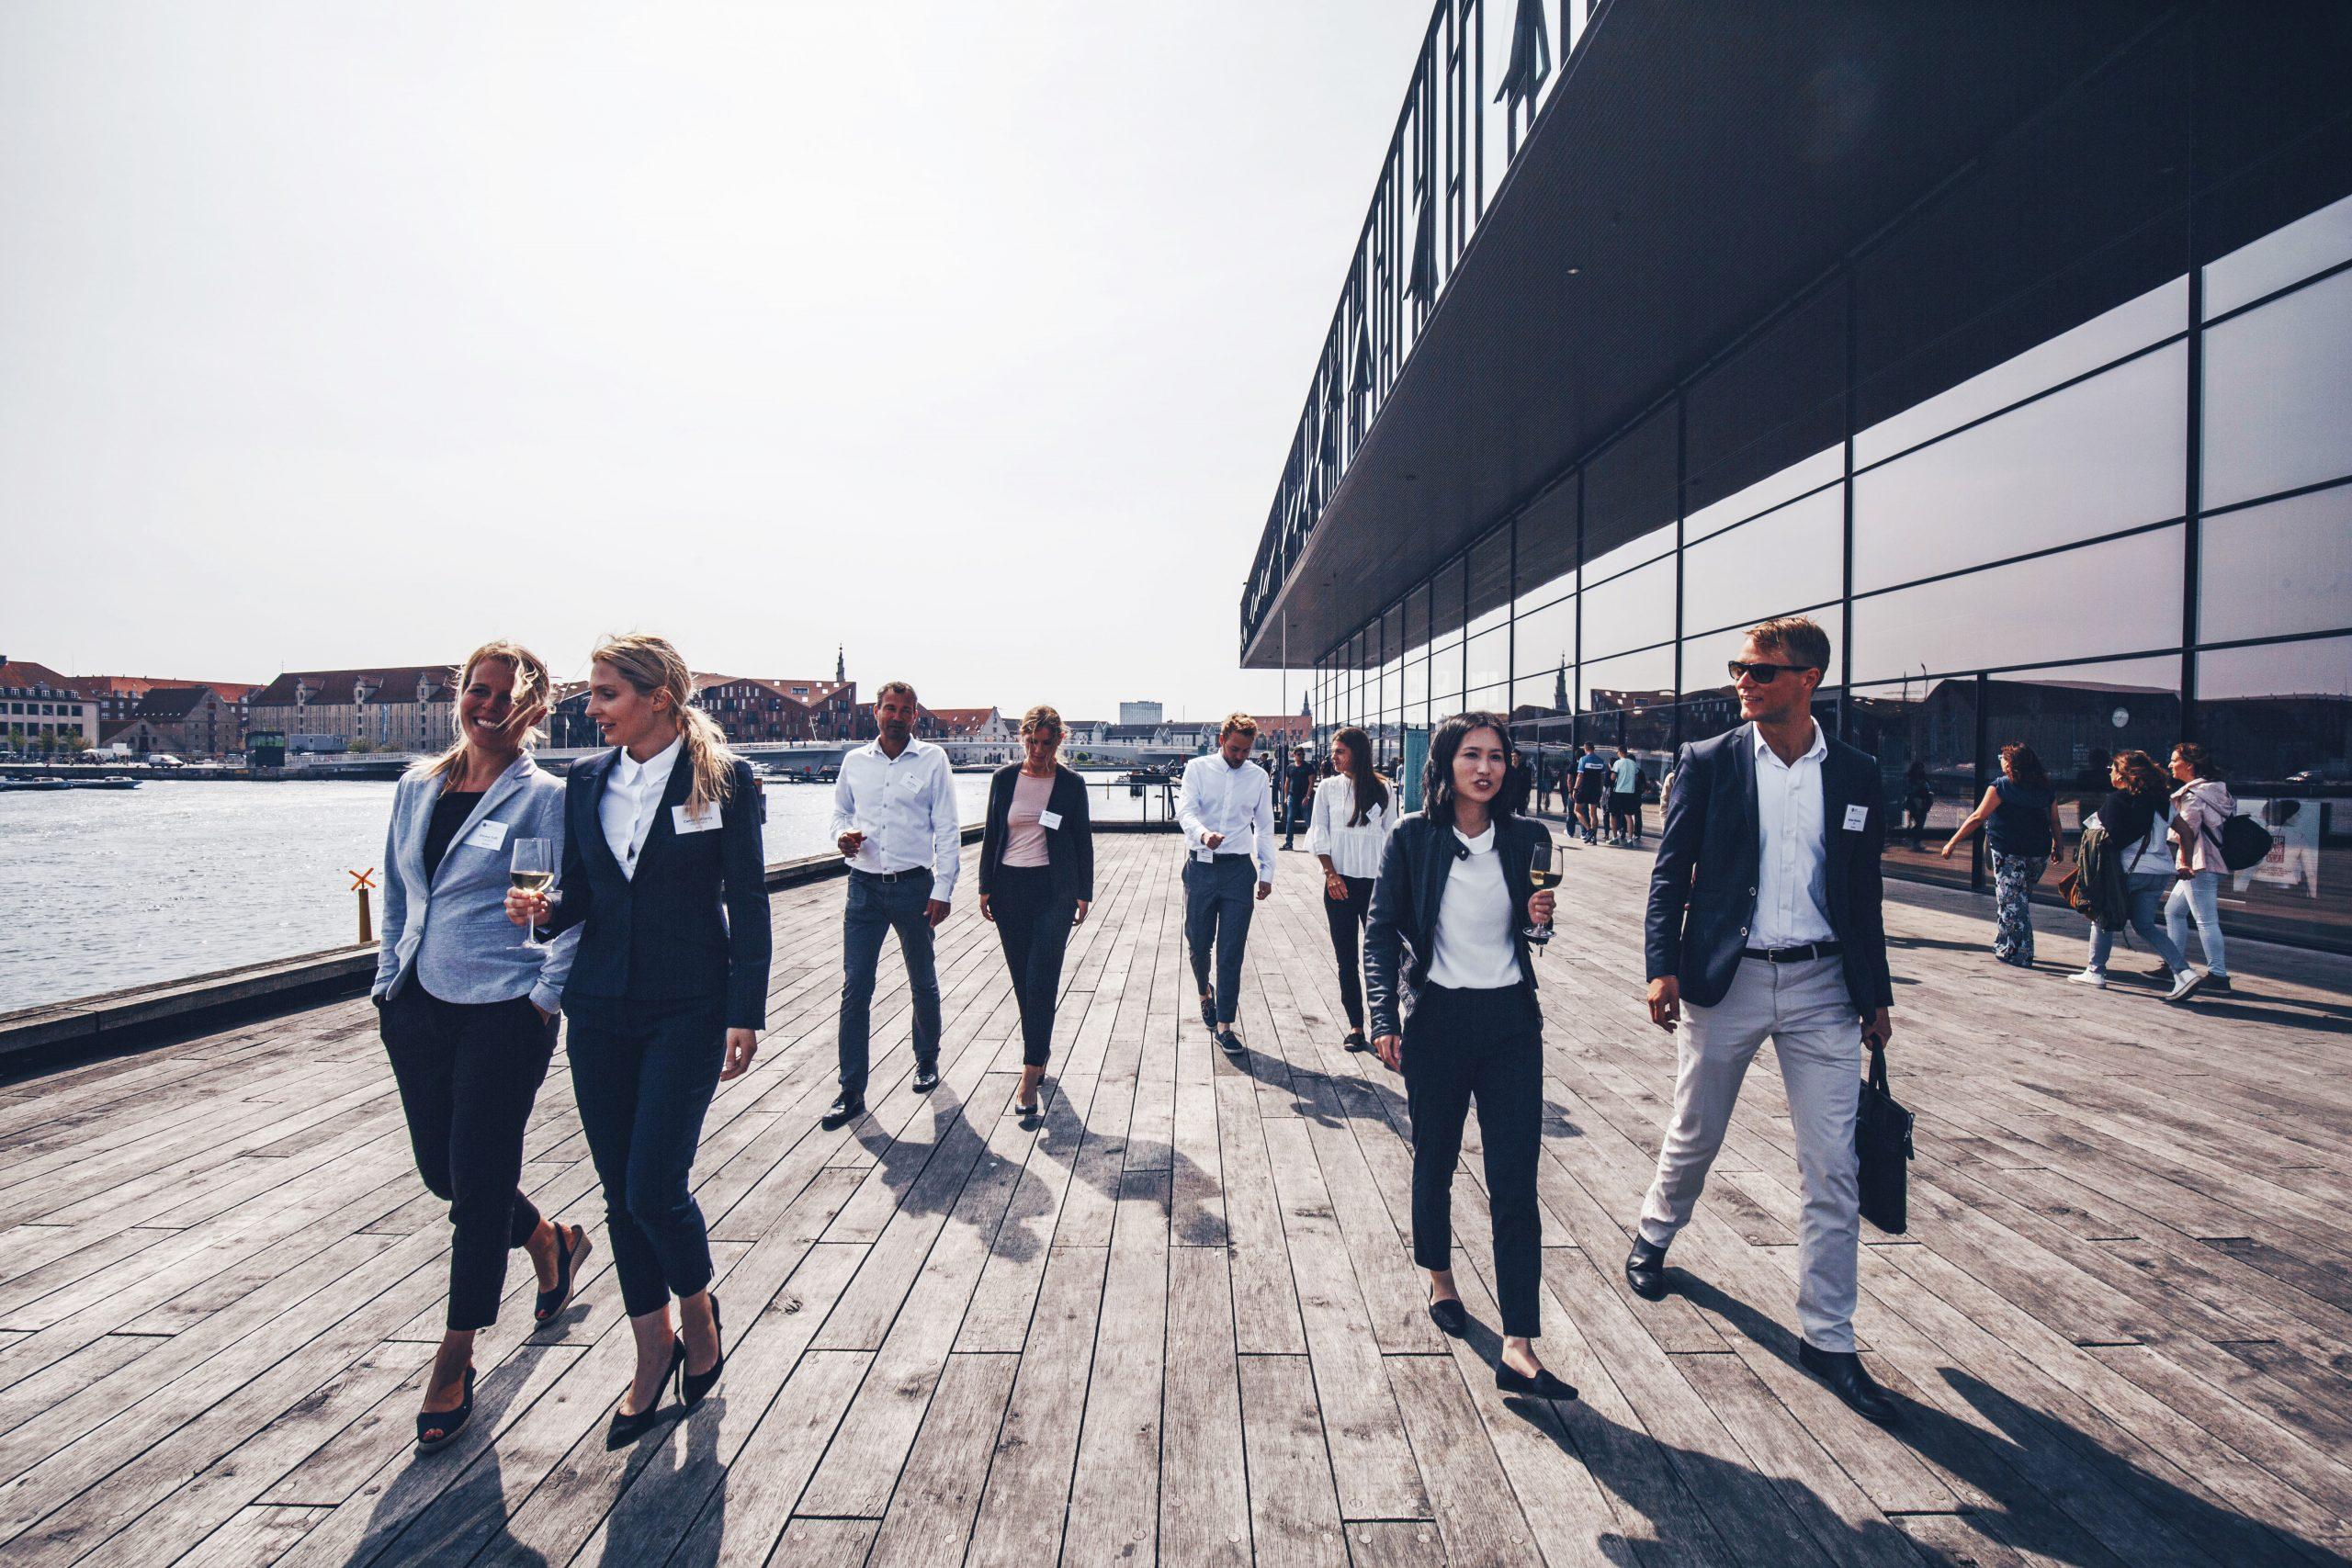 Der er pæn efterspørgsel på mødesteder med få deltagere, mens markedet for større arrangementer med over 100 deltagere nærmest er gået i stå, lyder det fra Danske Konferencecentre. Arkivpressefoto fra Wonderful Copenhagen: Martin Heiberg.